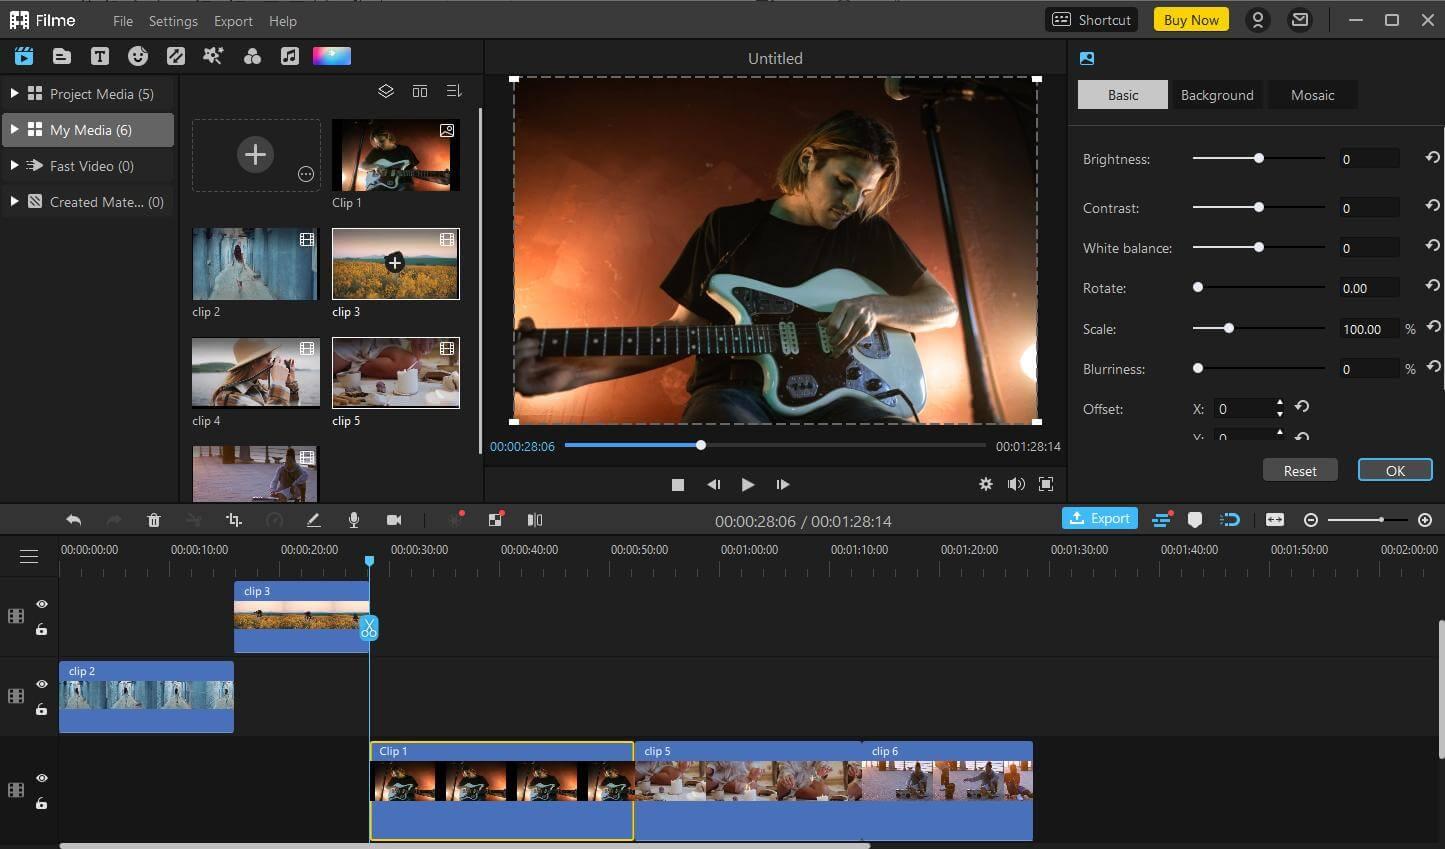 flip image in filme2